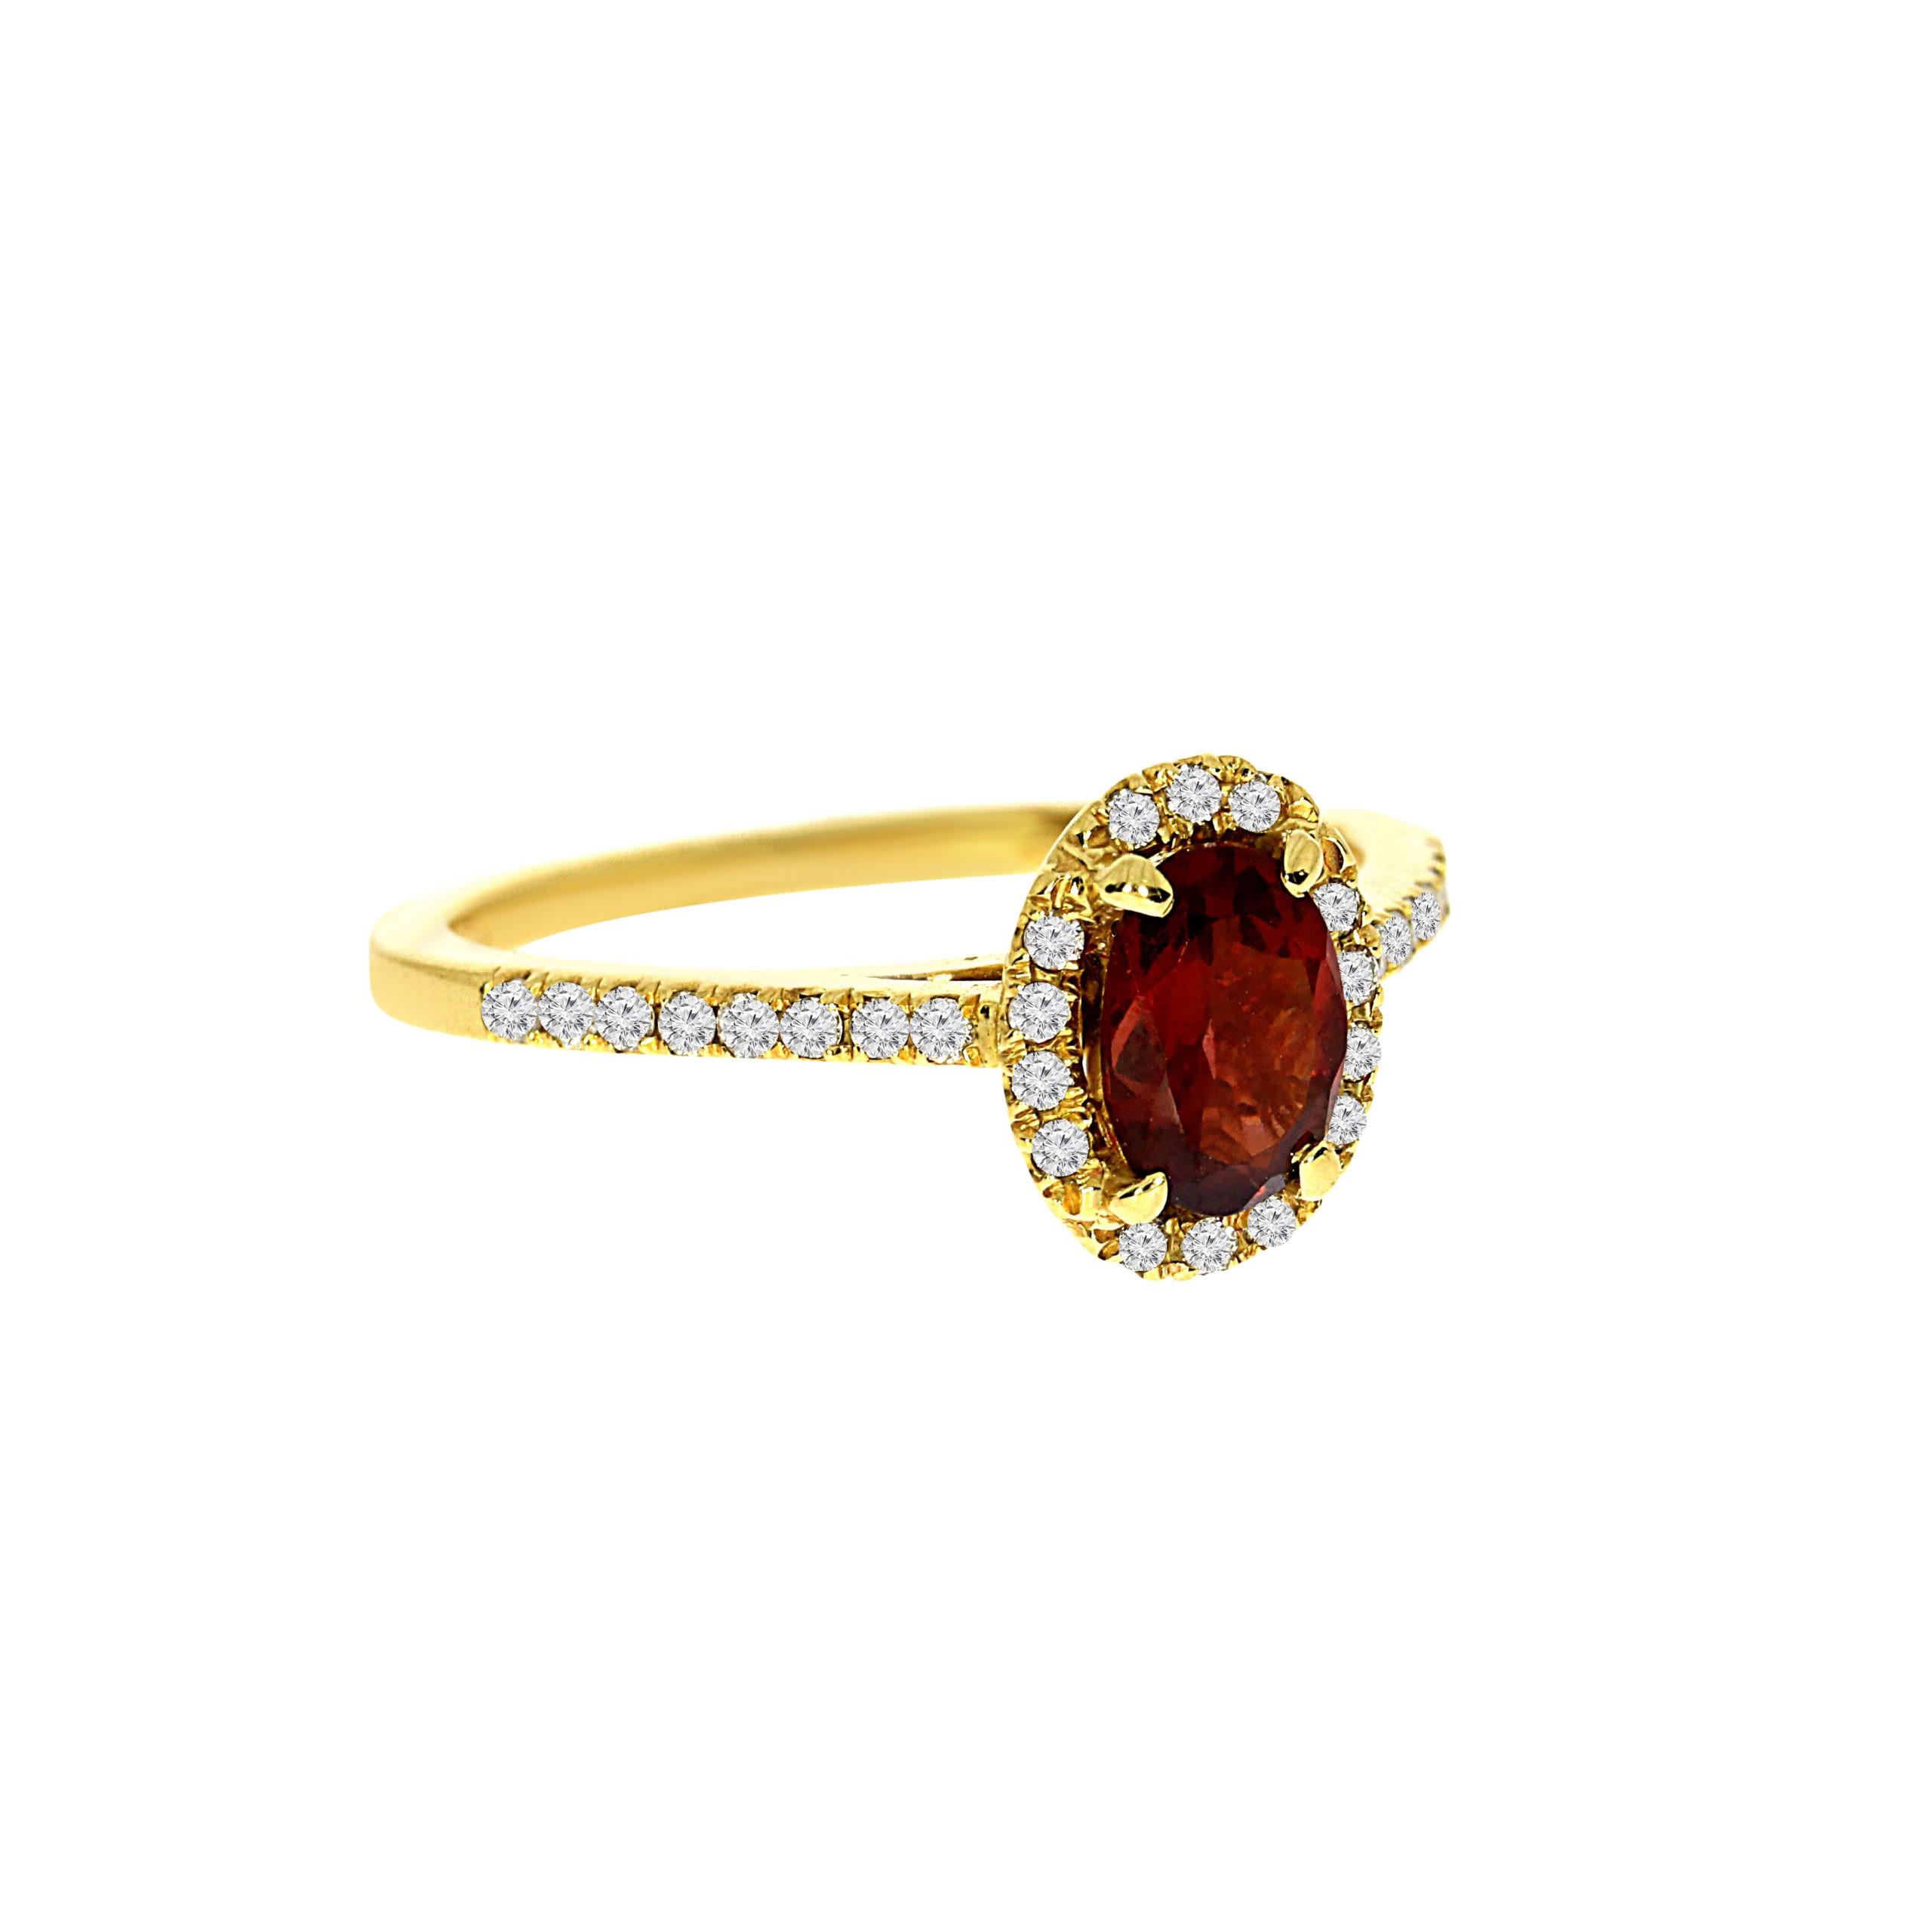 טבעת גארנט 0.85 קראט, זהב-צהוב 14 קראט, בשיבוץ יהלומים 0.22 קראט